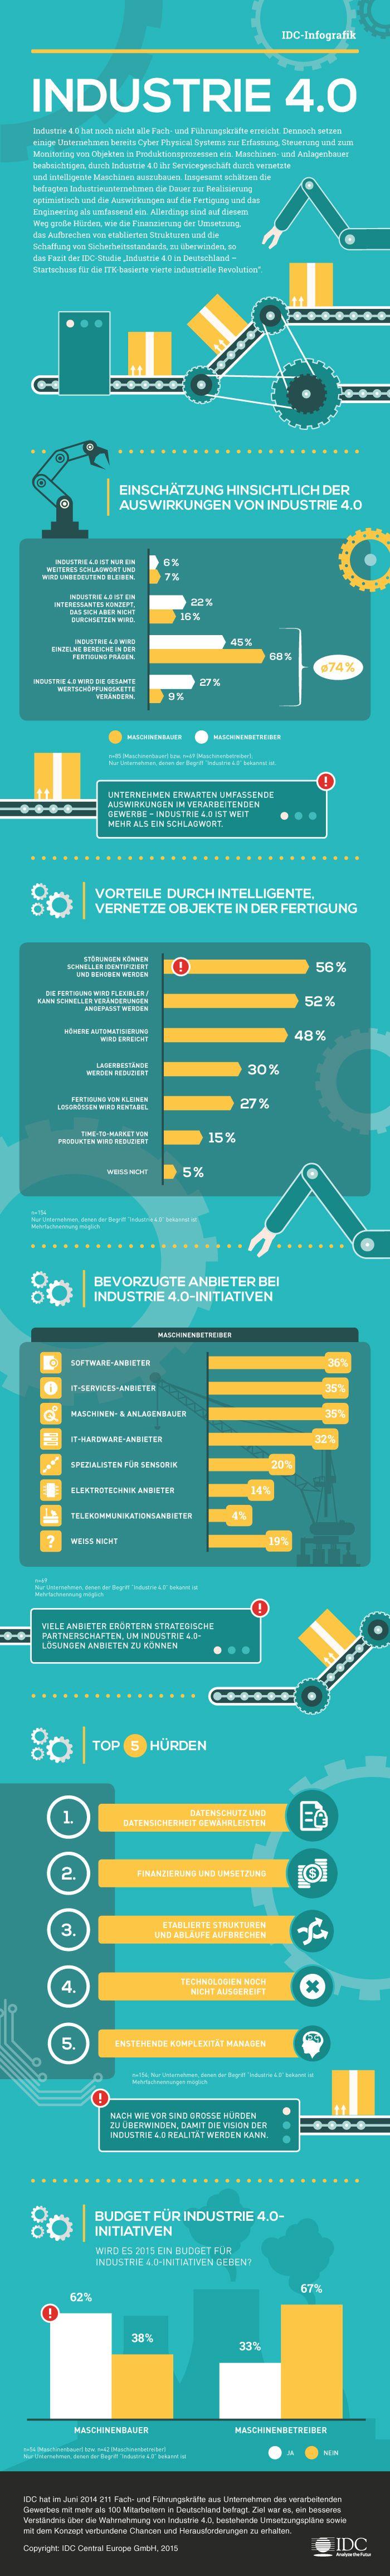 Industrie 4.0 in Deutschland – #Industrie40 #Unternehmen #Digitalisierung…